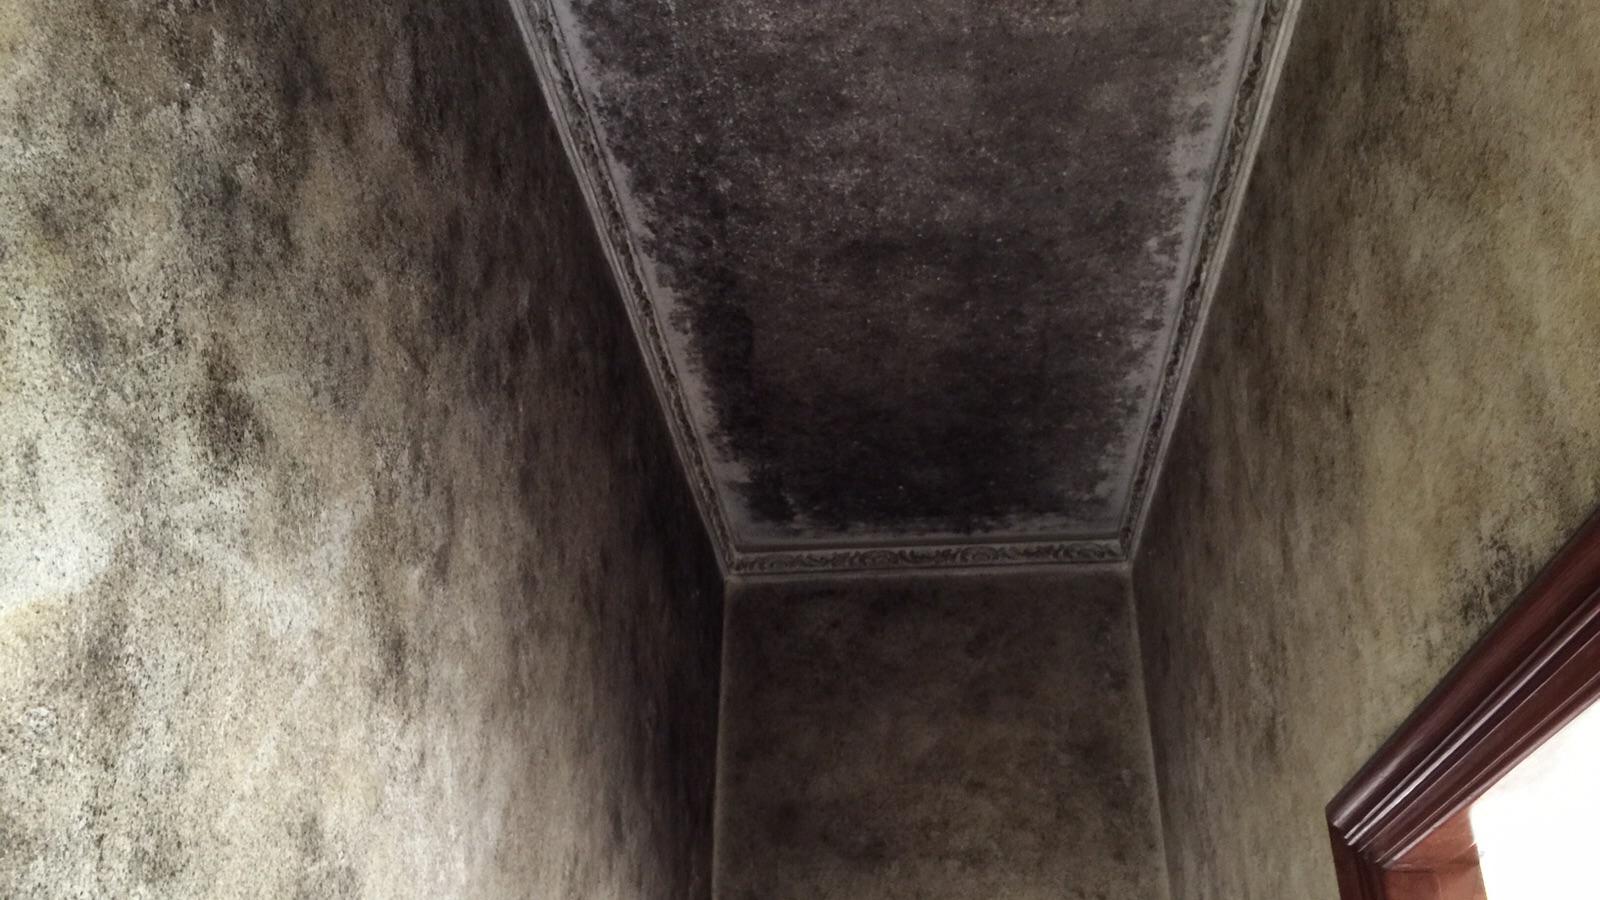 2015 08 27 - Come eliminare la muffa dalle pareti interne ...